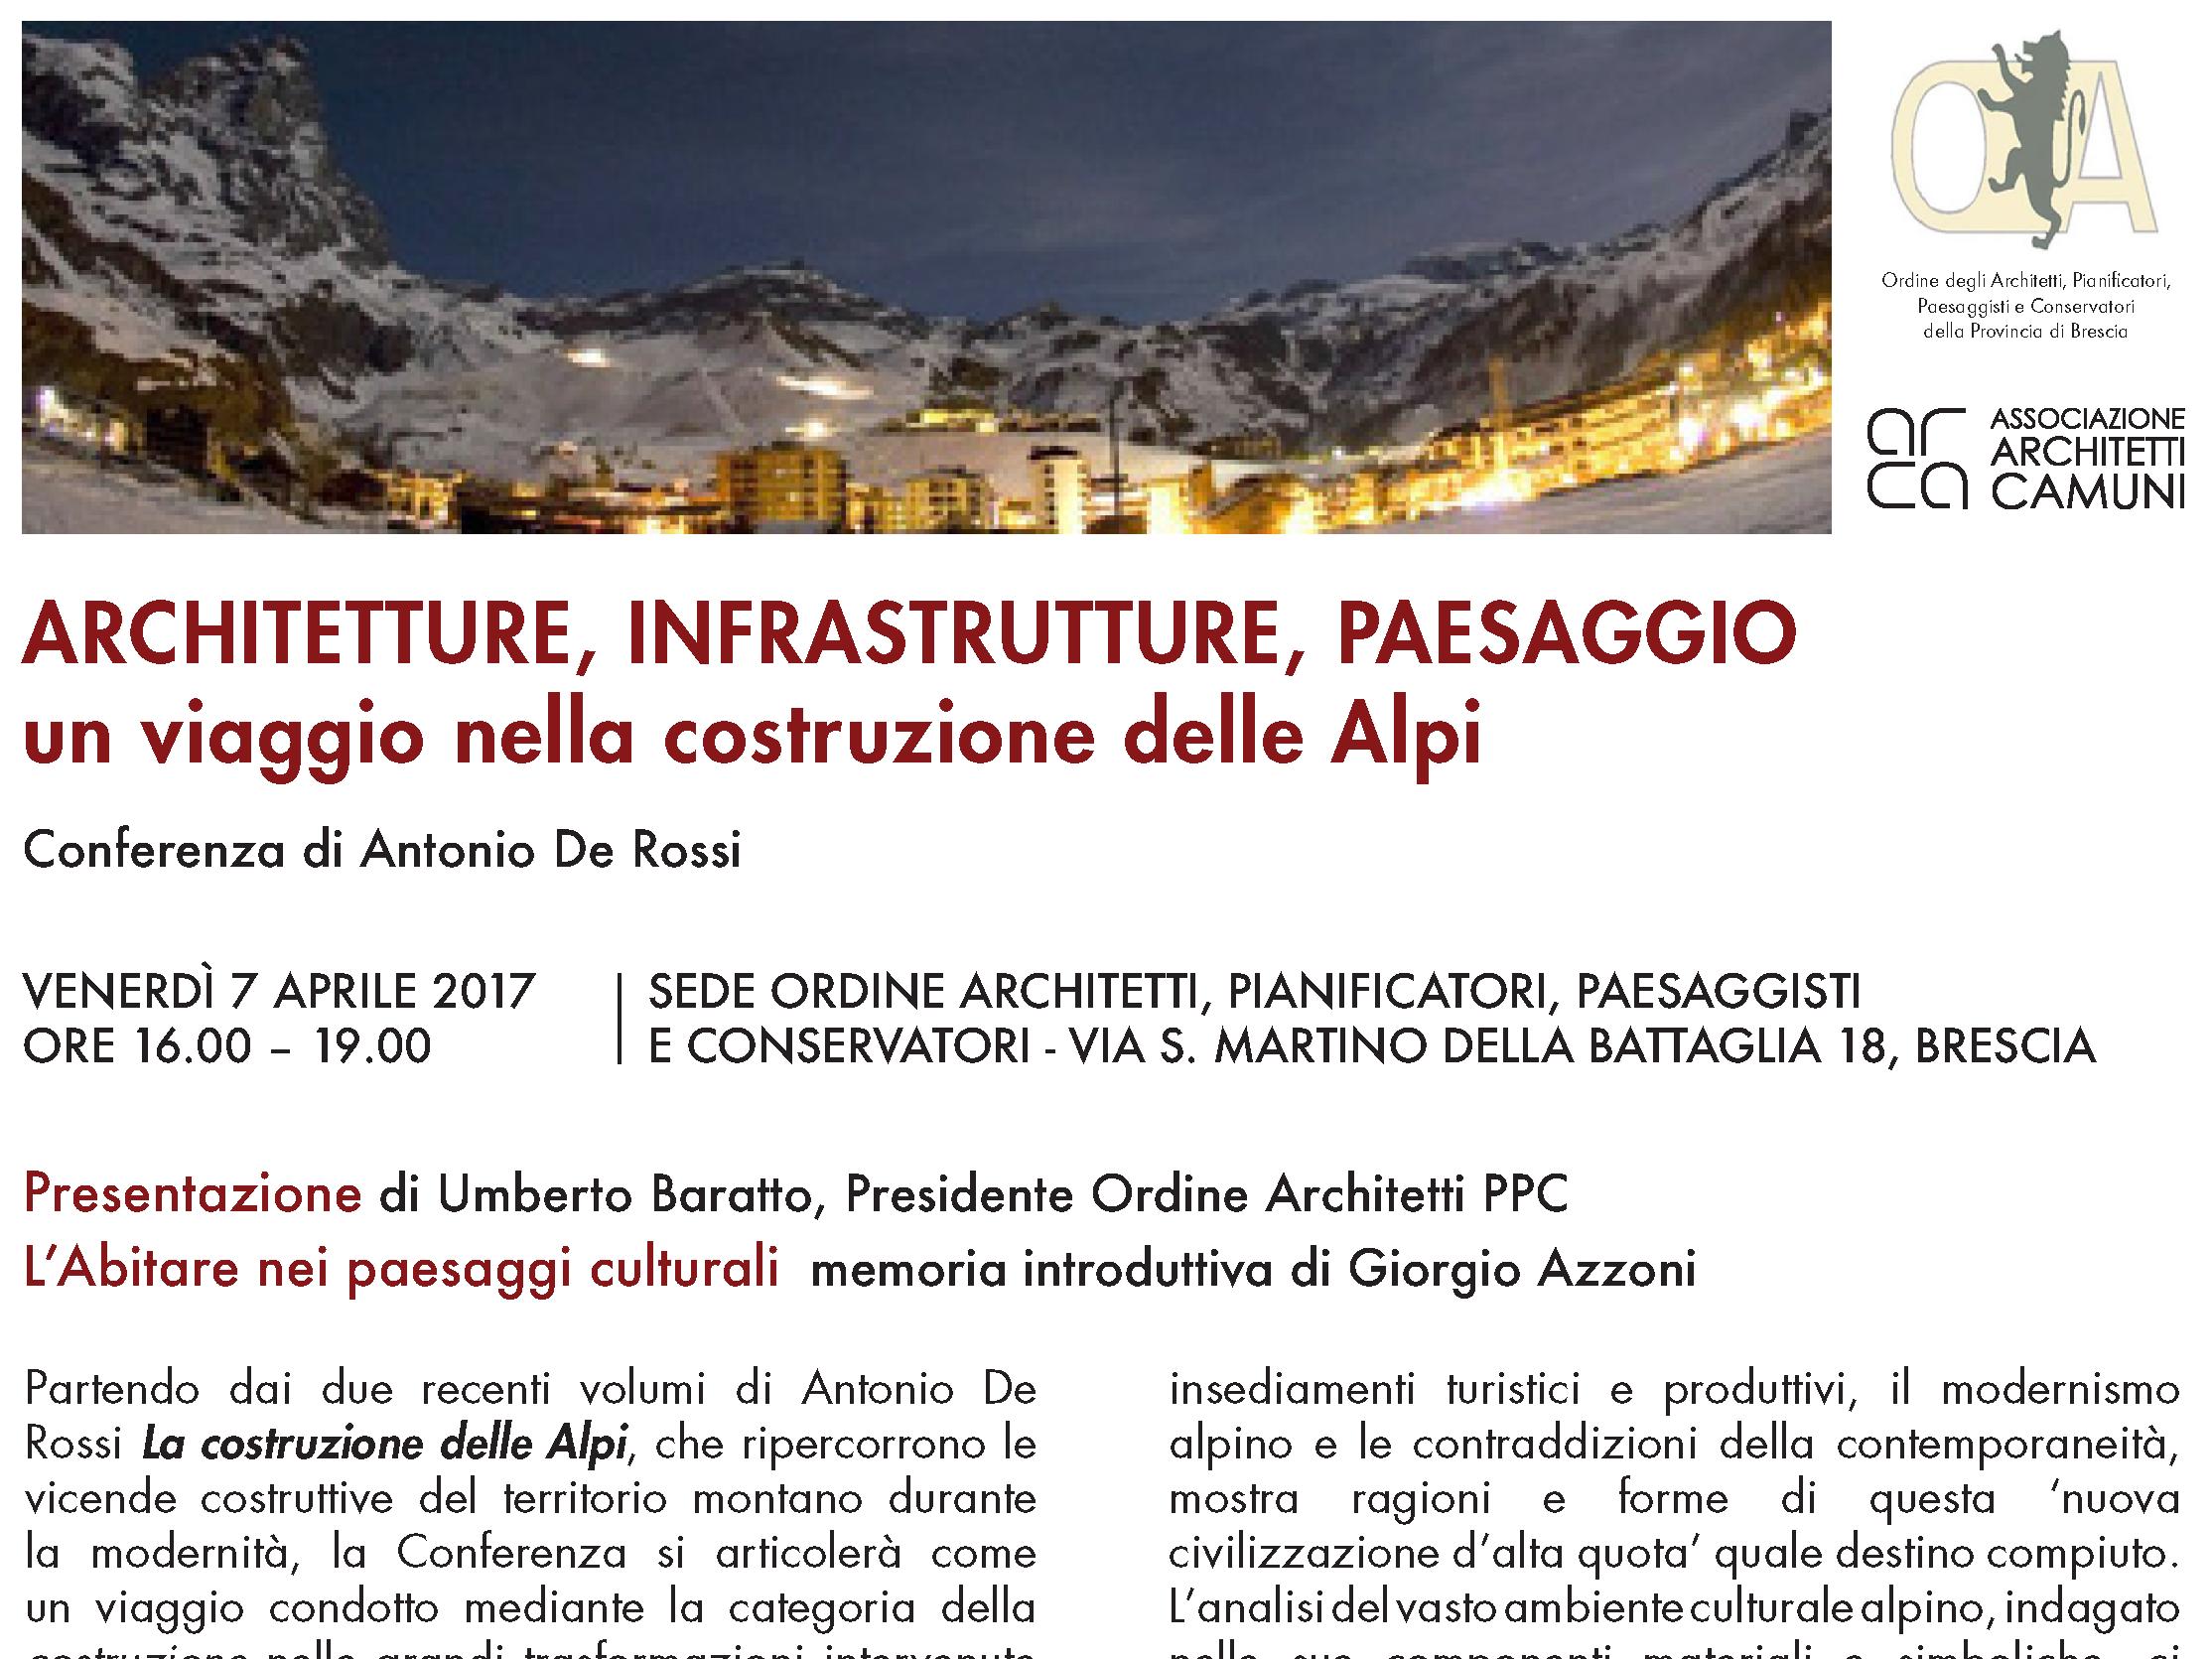 Ordine Architetti Brescia Lavoro 07 aprile 2017 - architetture, infrastrutture, paesaggio un